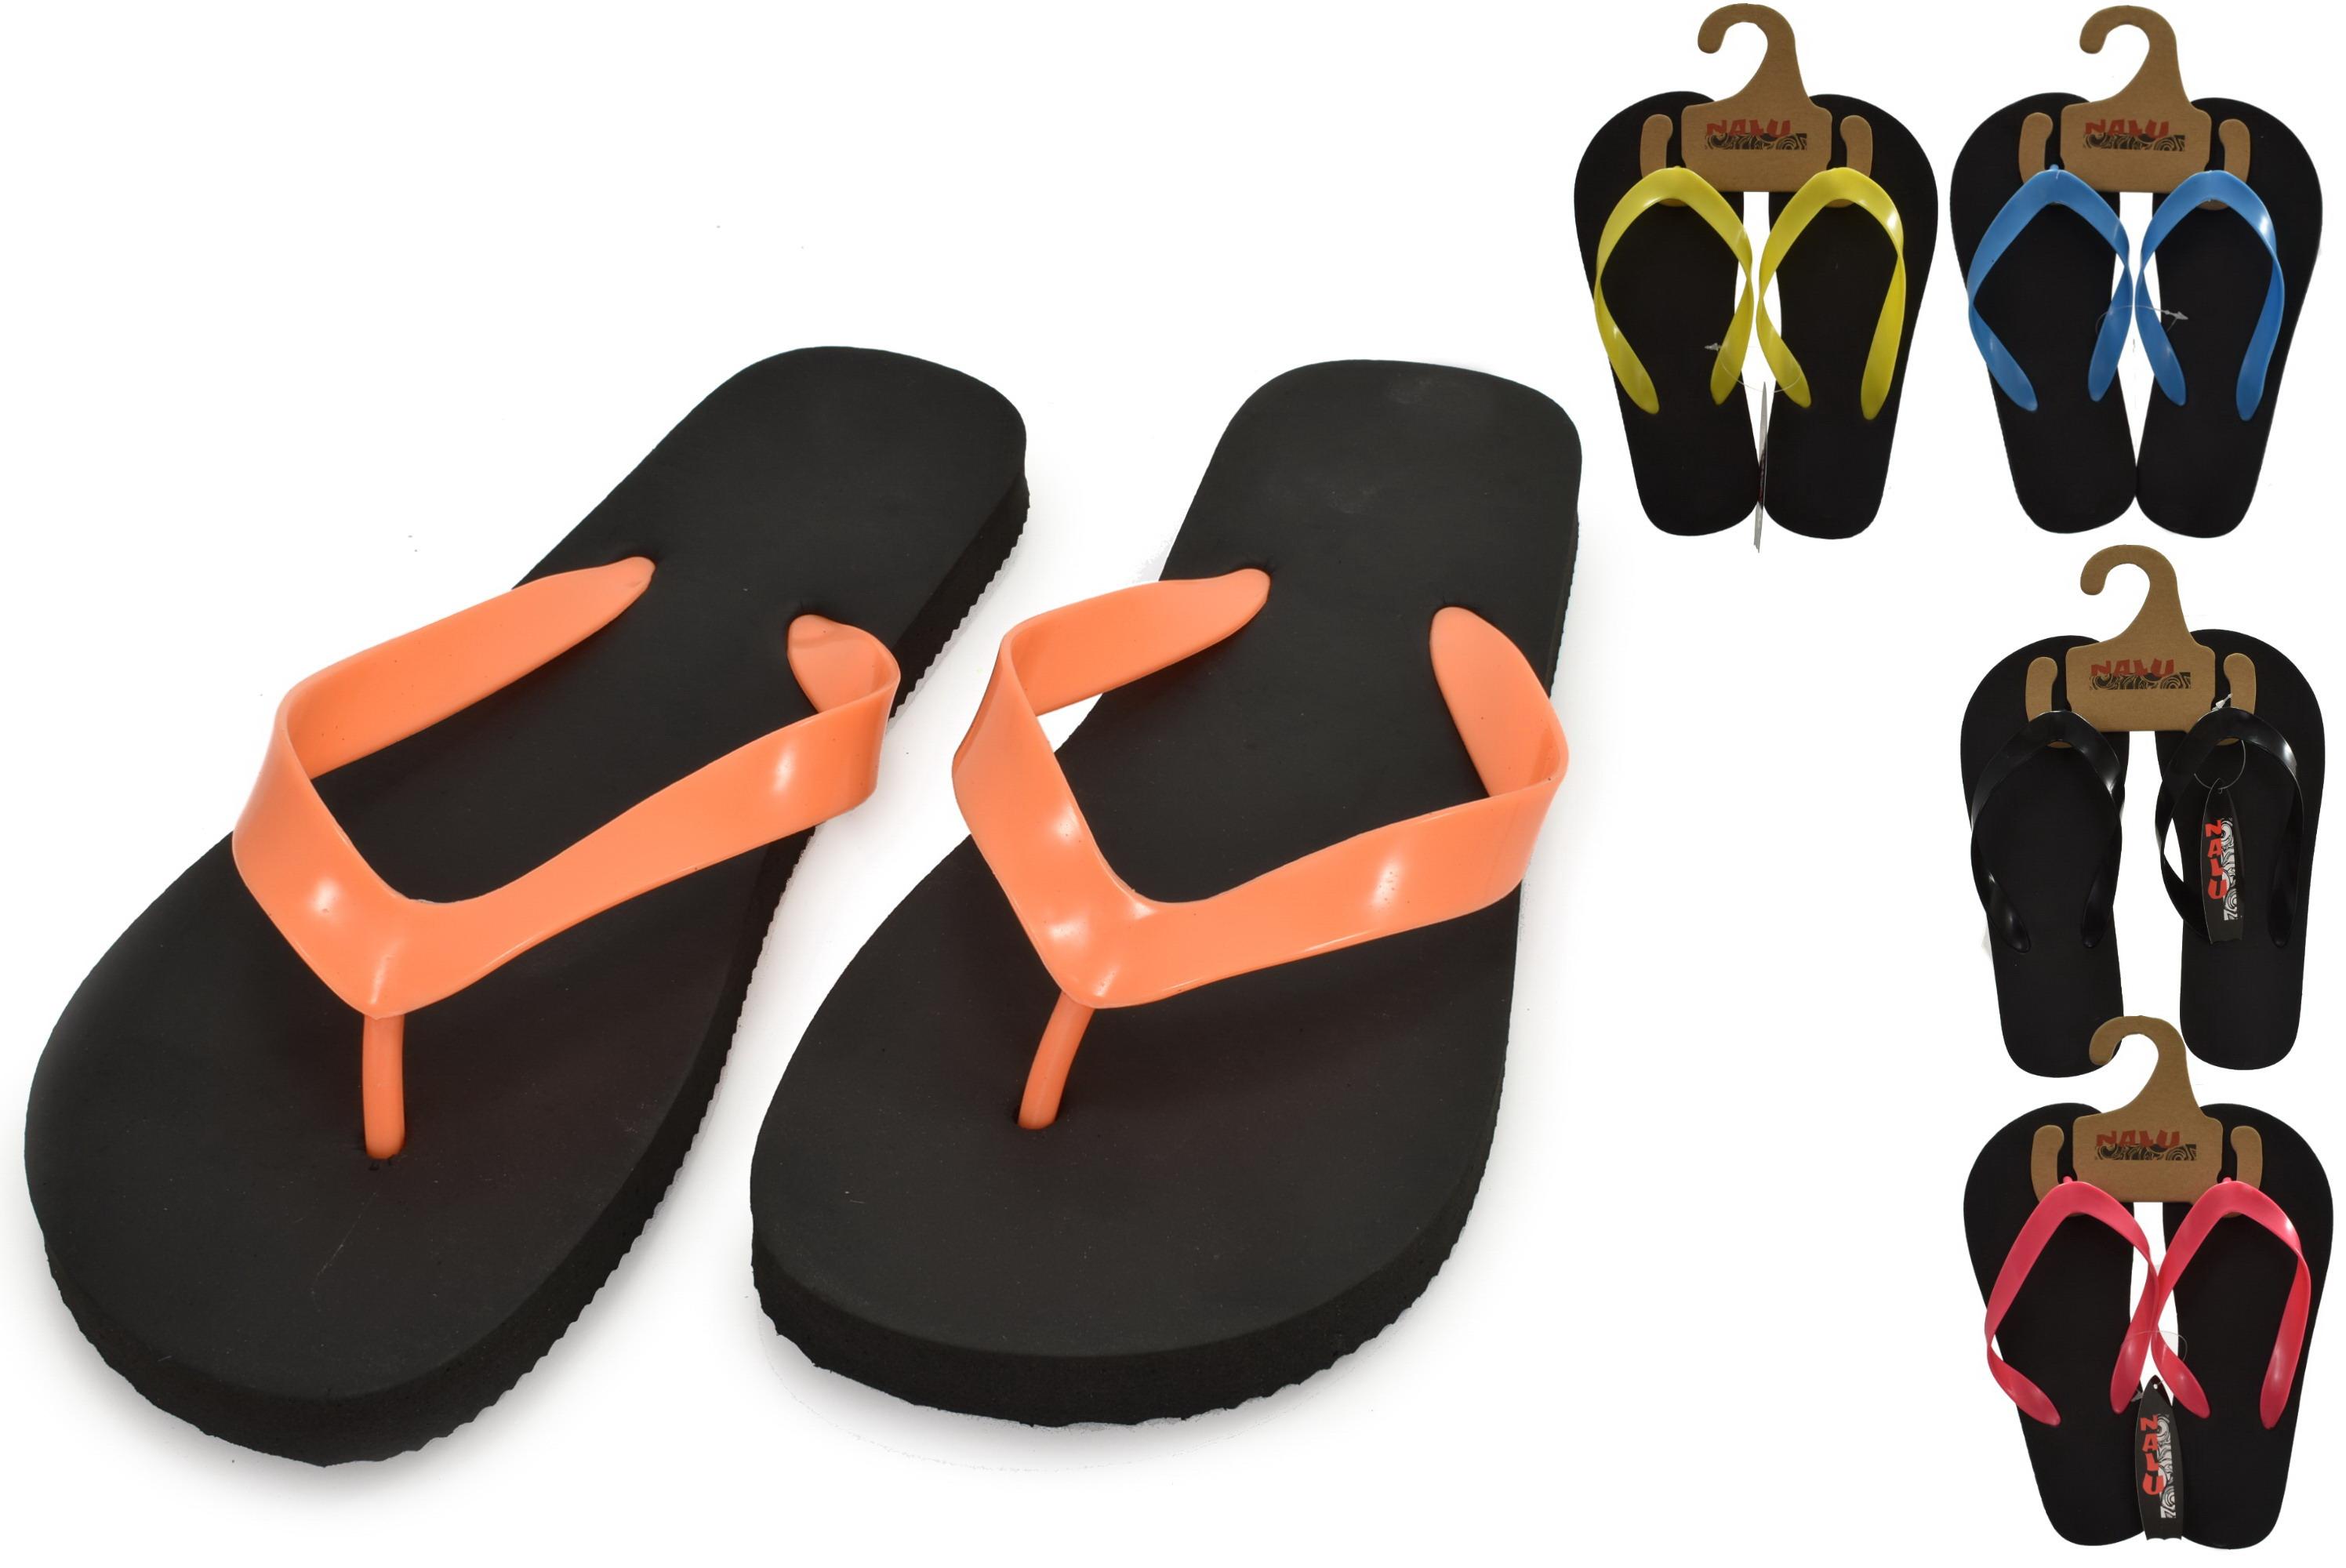 Flip Flop Childs Size 12 Plain Colour